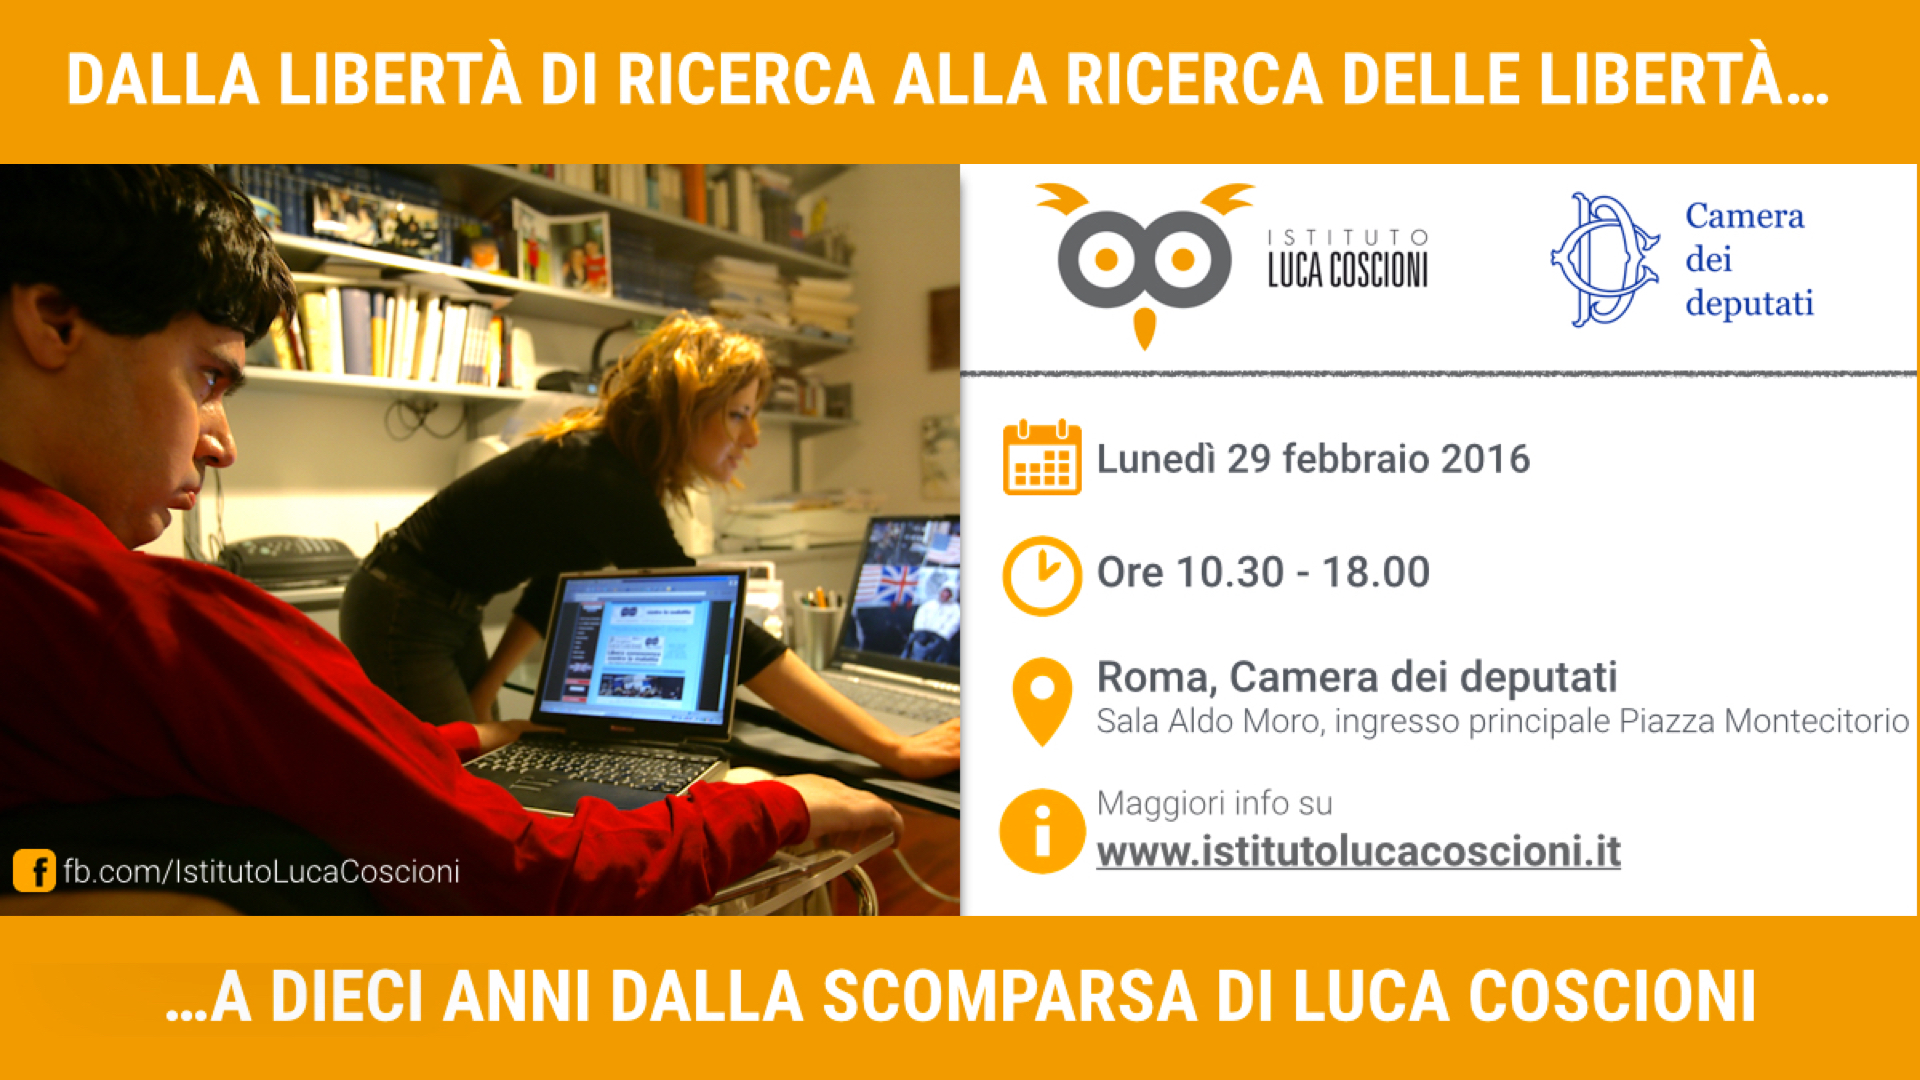 Assegnazione Premio Luca Coscioni 2015